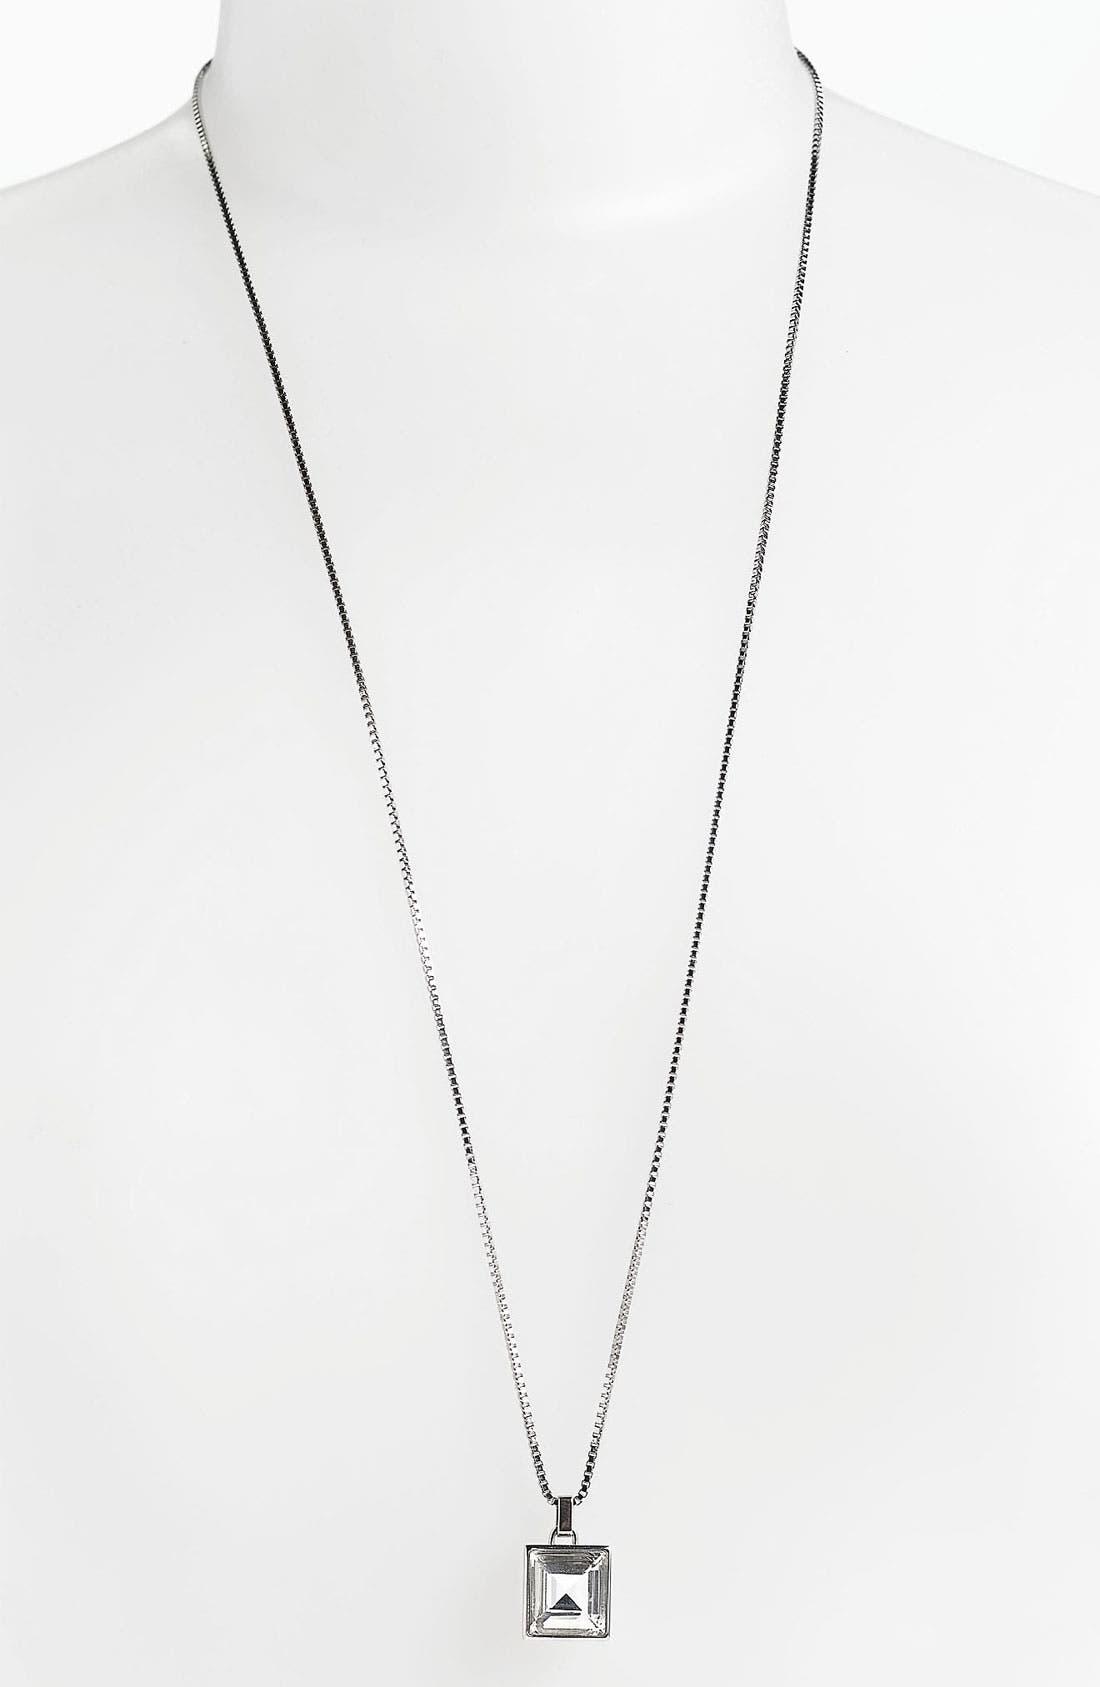 Main Image - Michael Kors 'Cocktail Party' Pendant Necklace